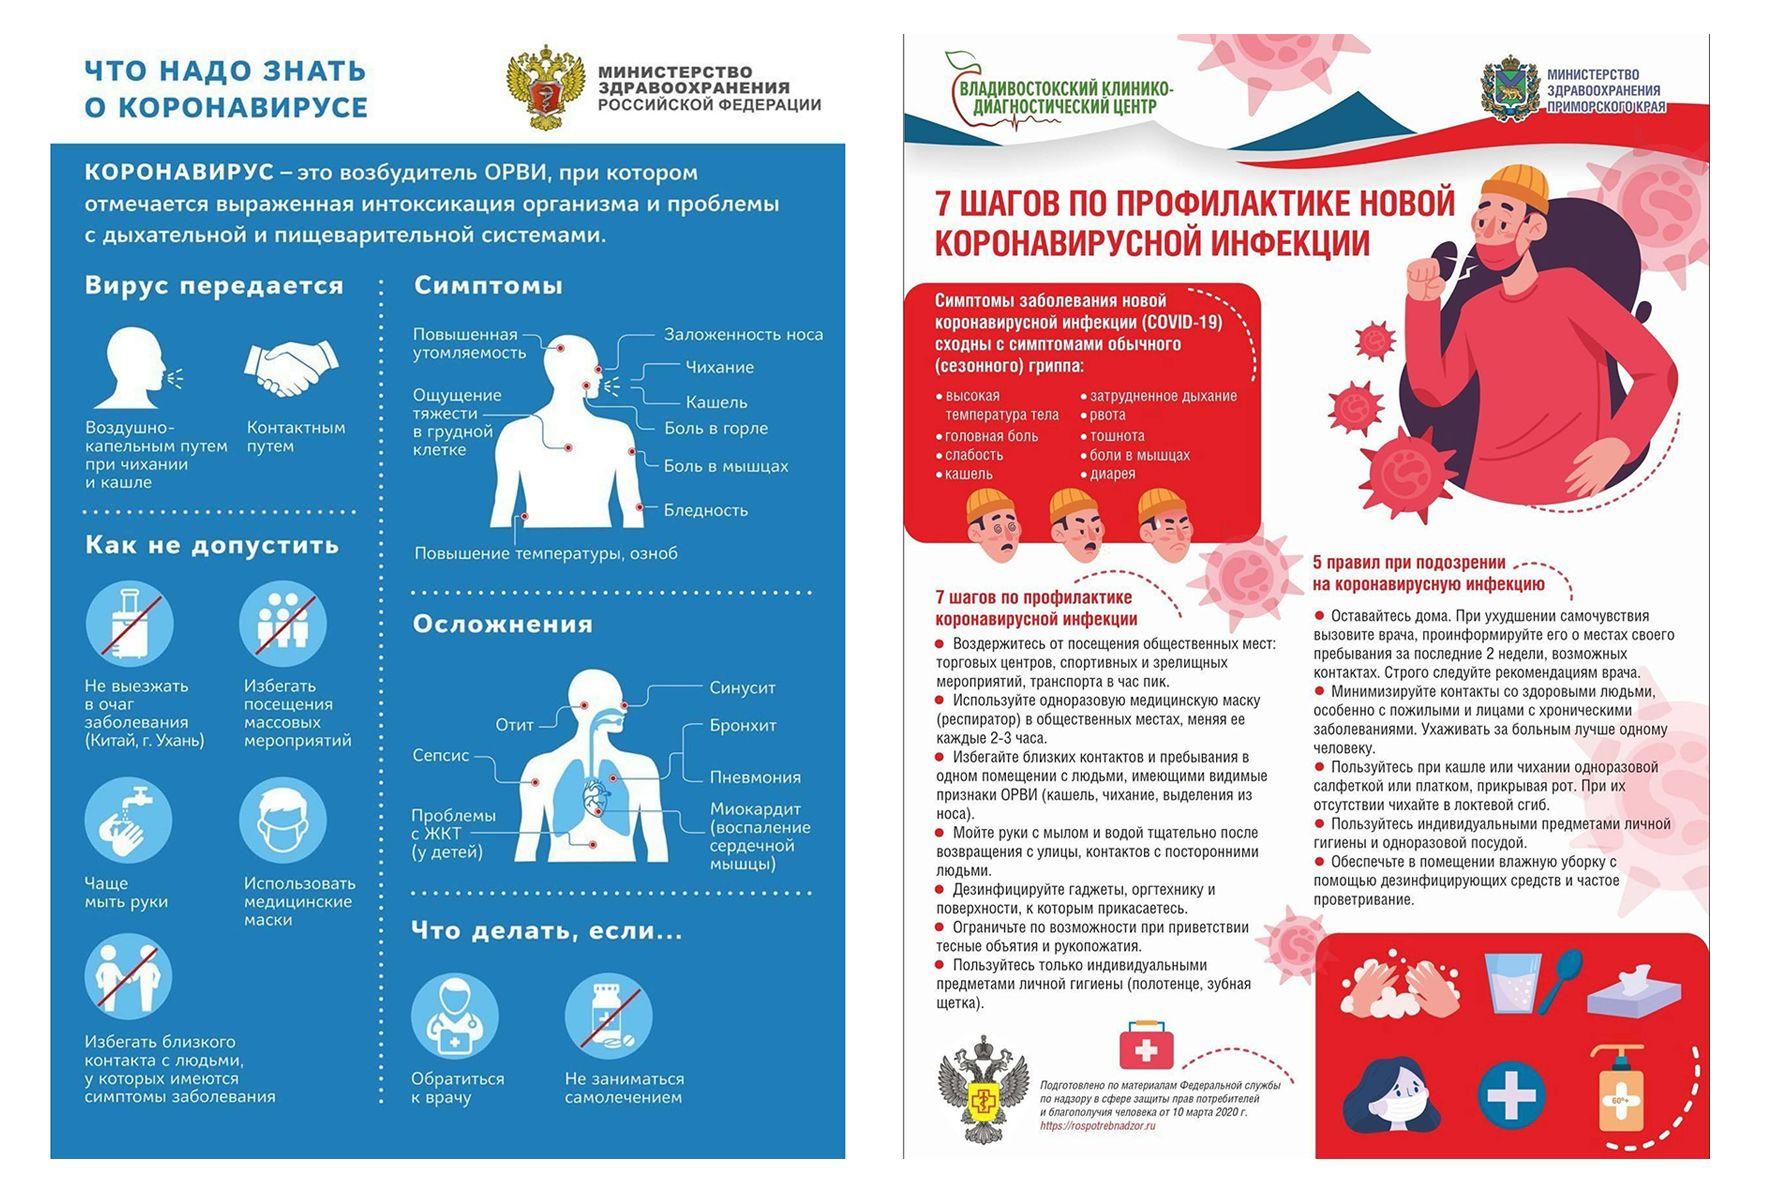 Памятки по профилактике новой коронавирусной инфекции